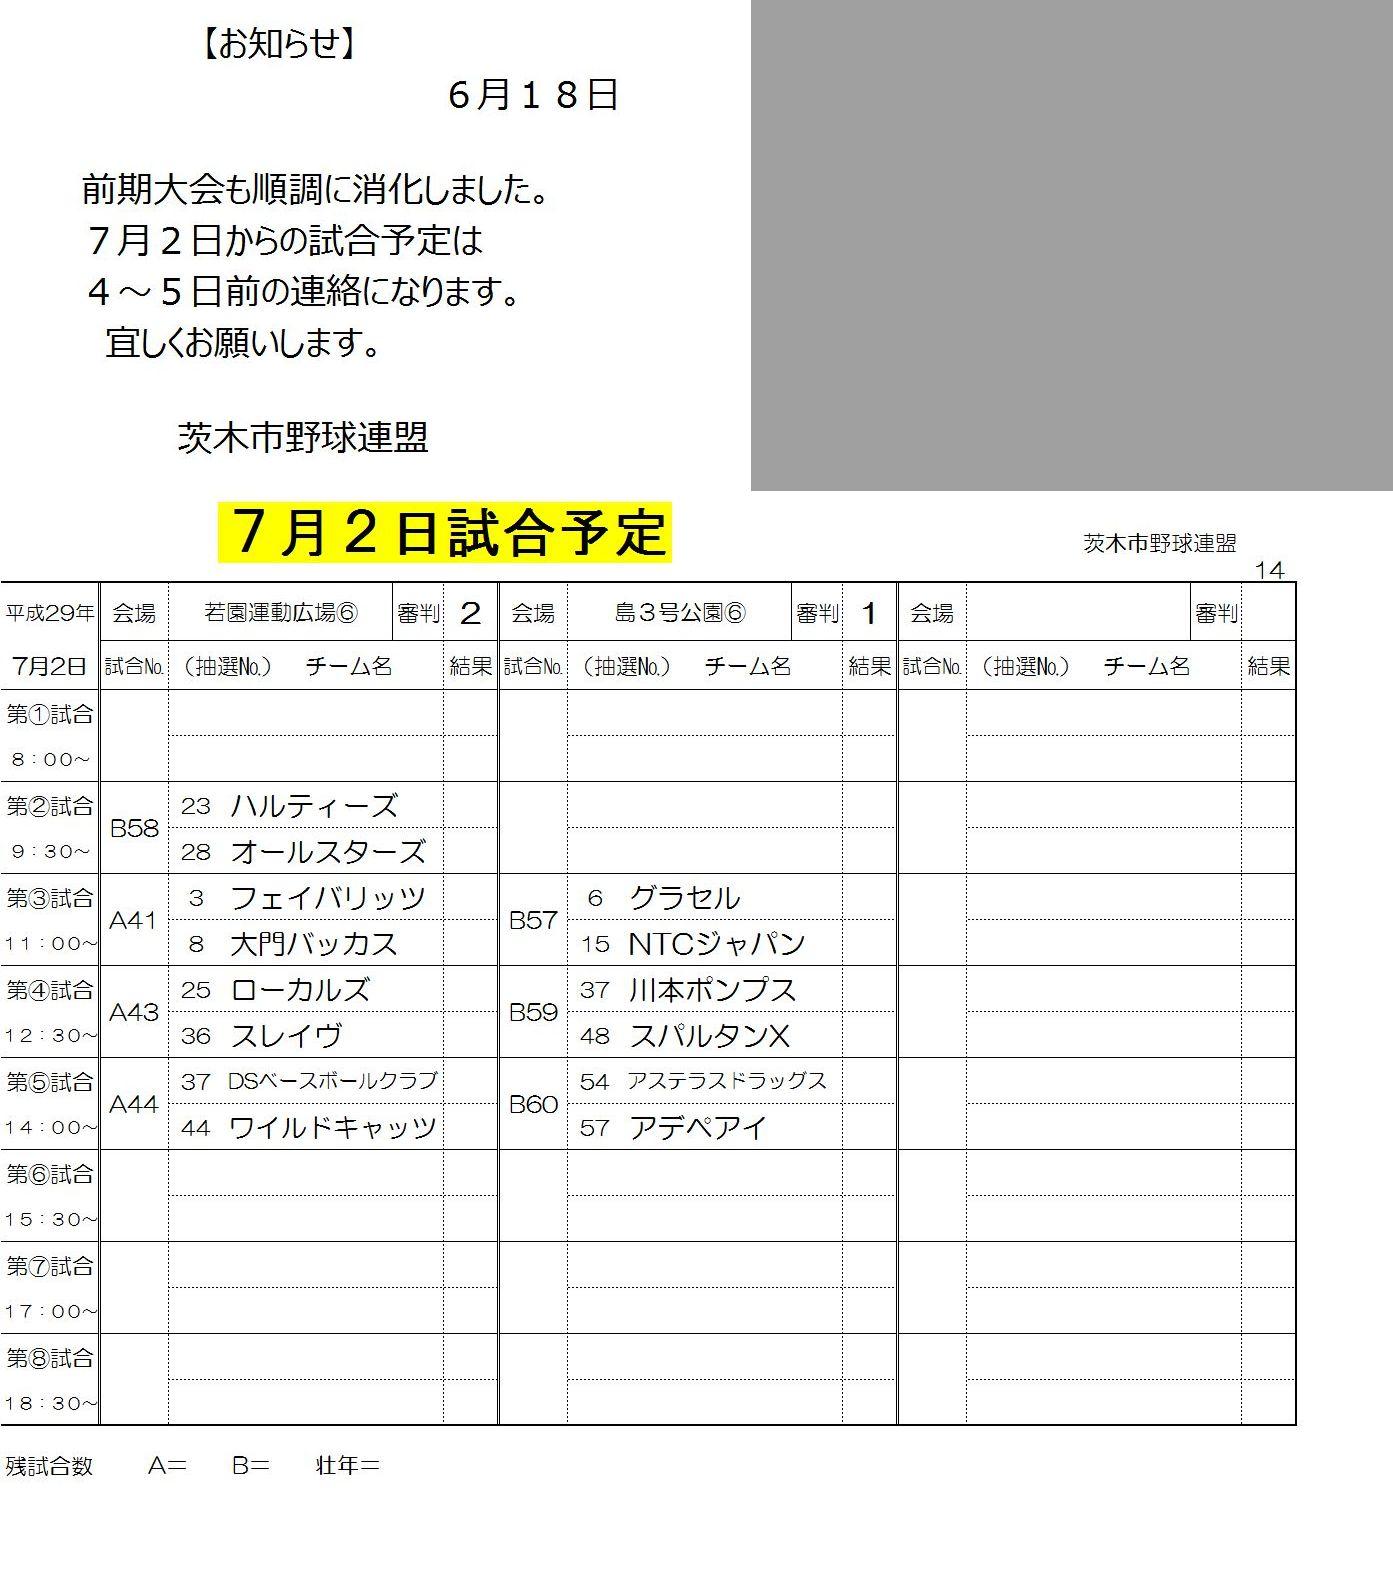 7月2日試合予定お知らせ290618